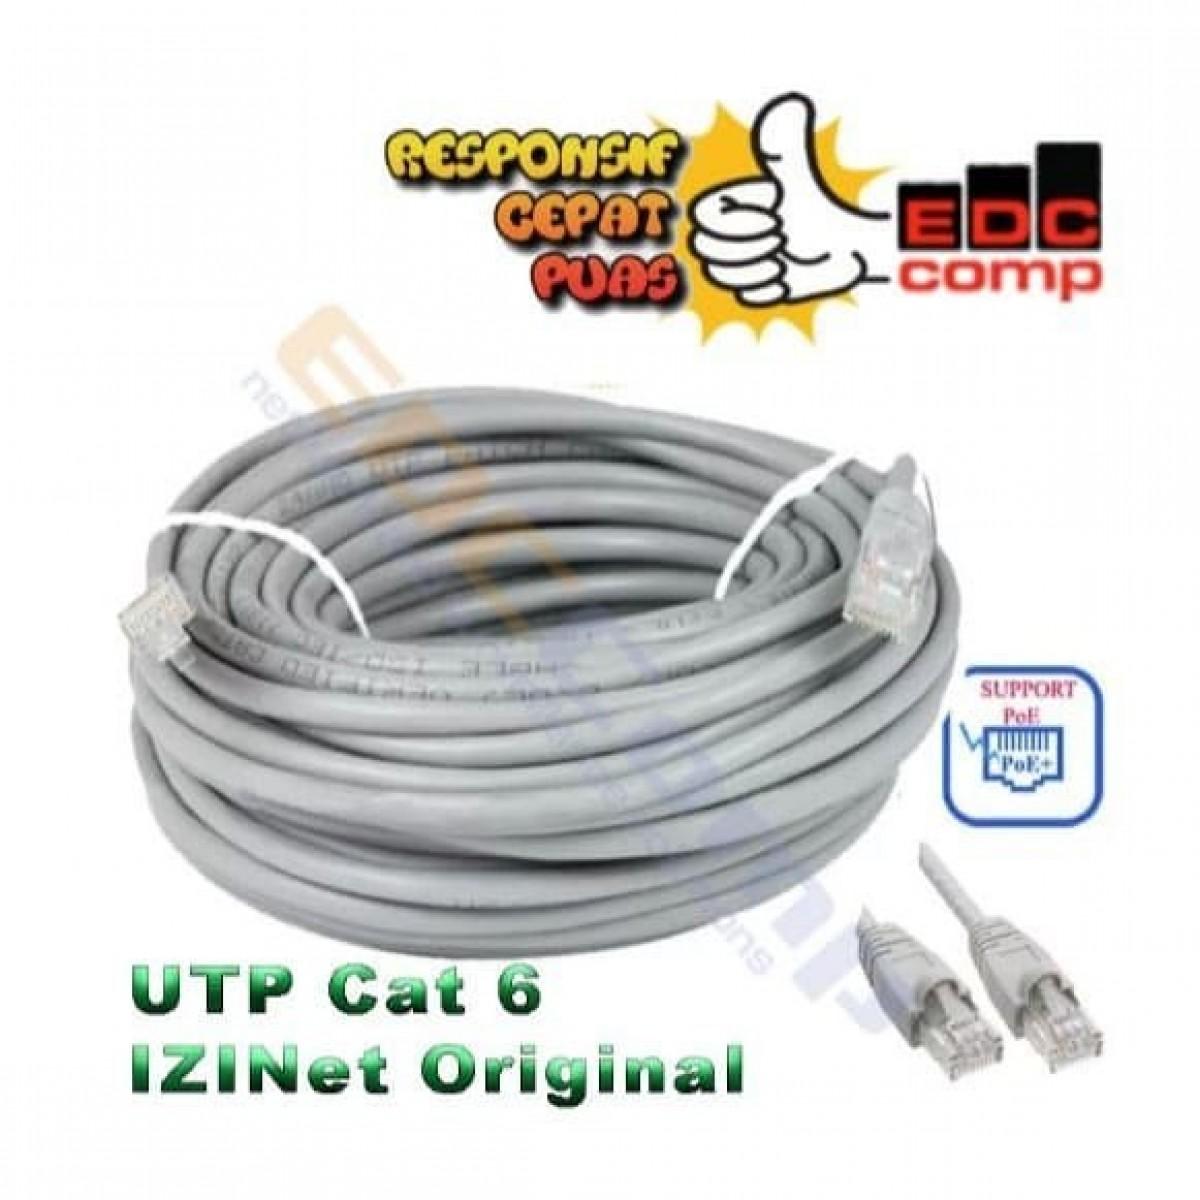 Kabel IZINET UTP Cat6 / Cable Izinet Cat6 50 Meter - EdcComp